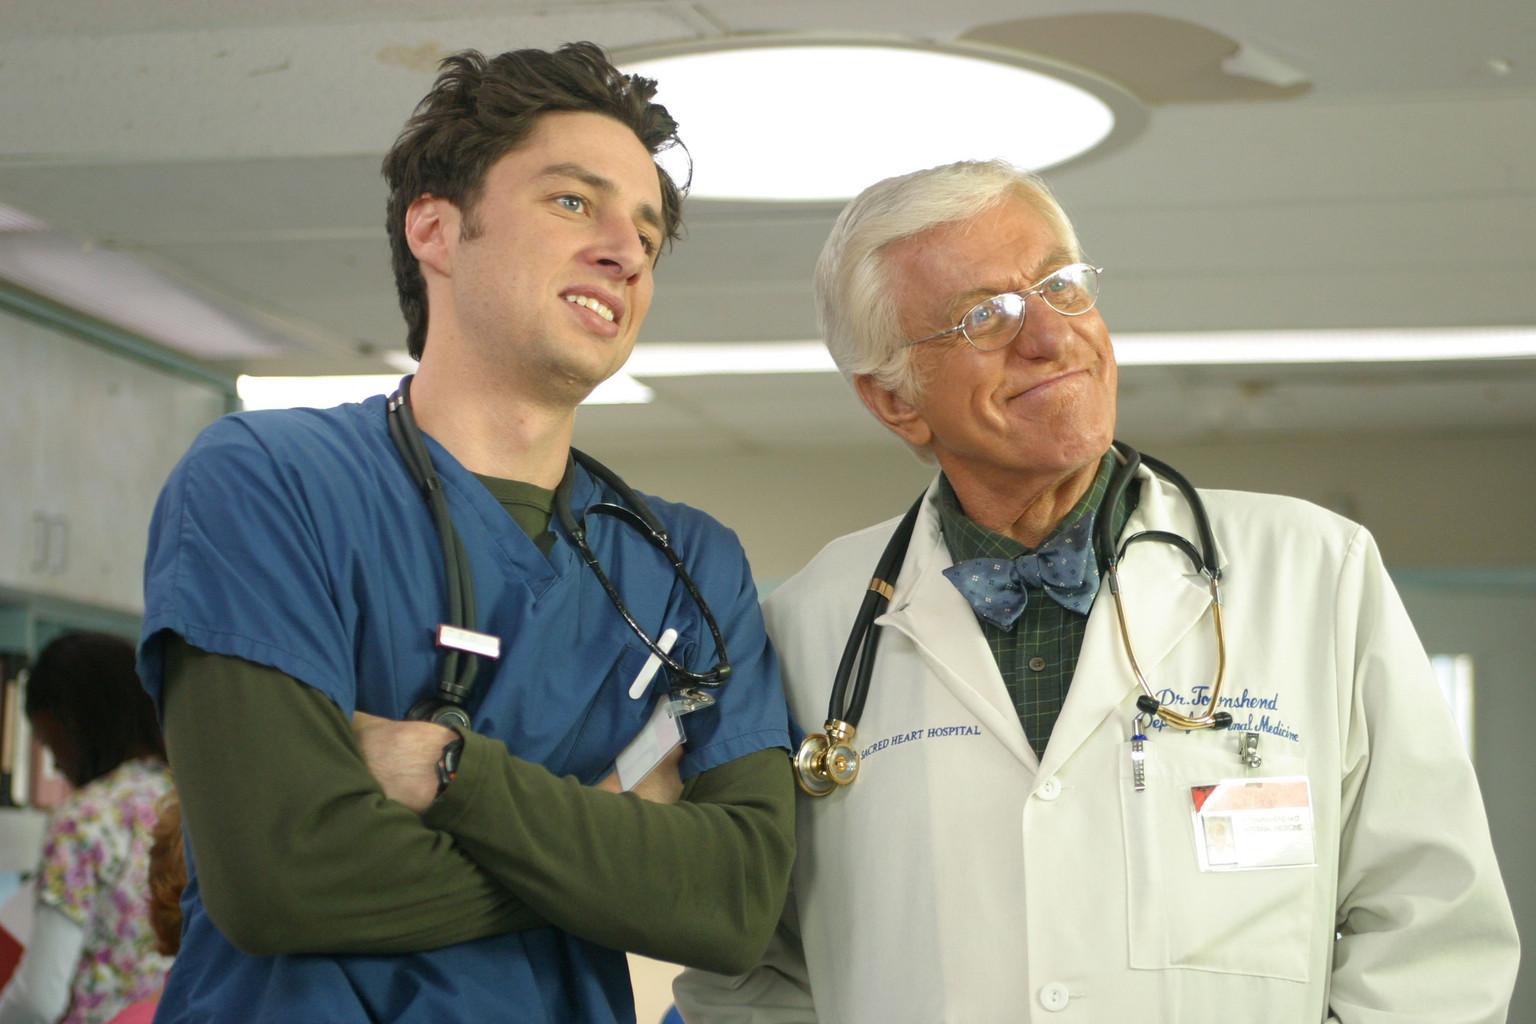 dick van dyke doctor